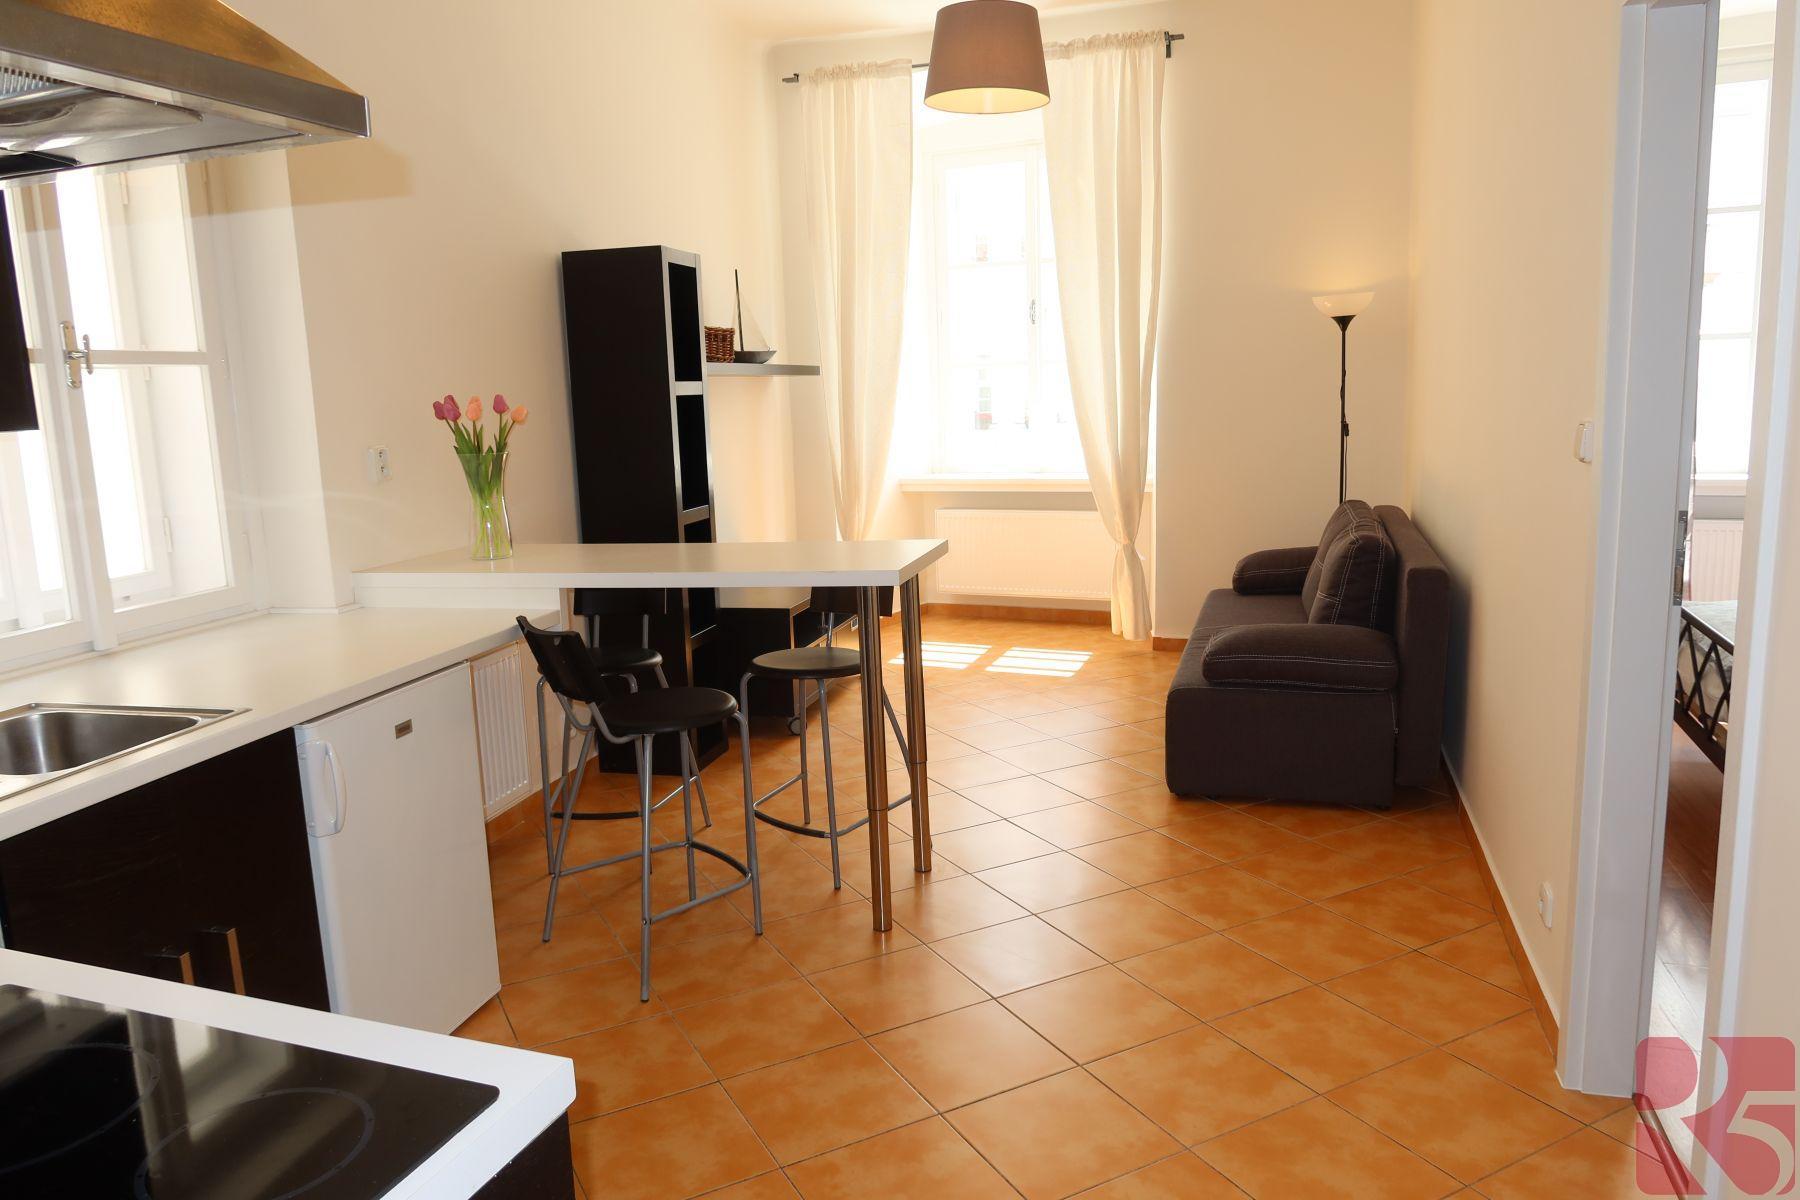 Pronájem bytu 2KK Betlémské nám., Praha